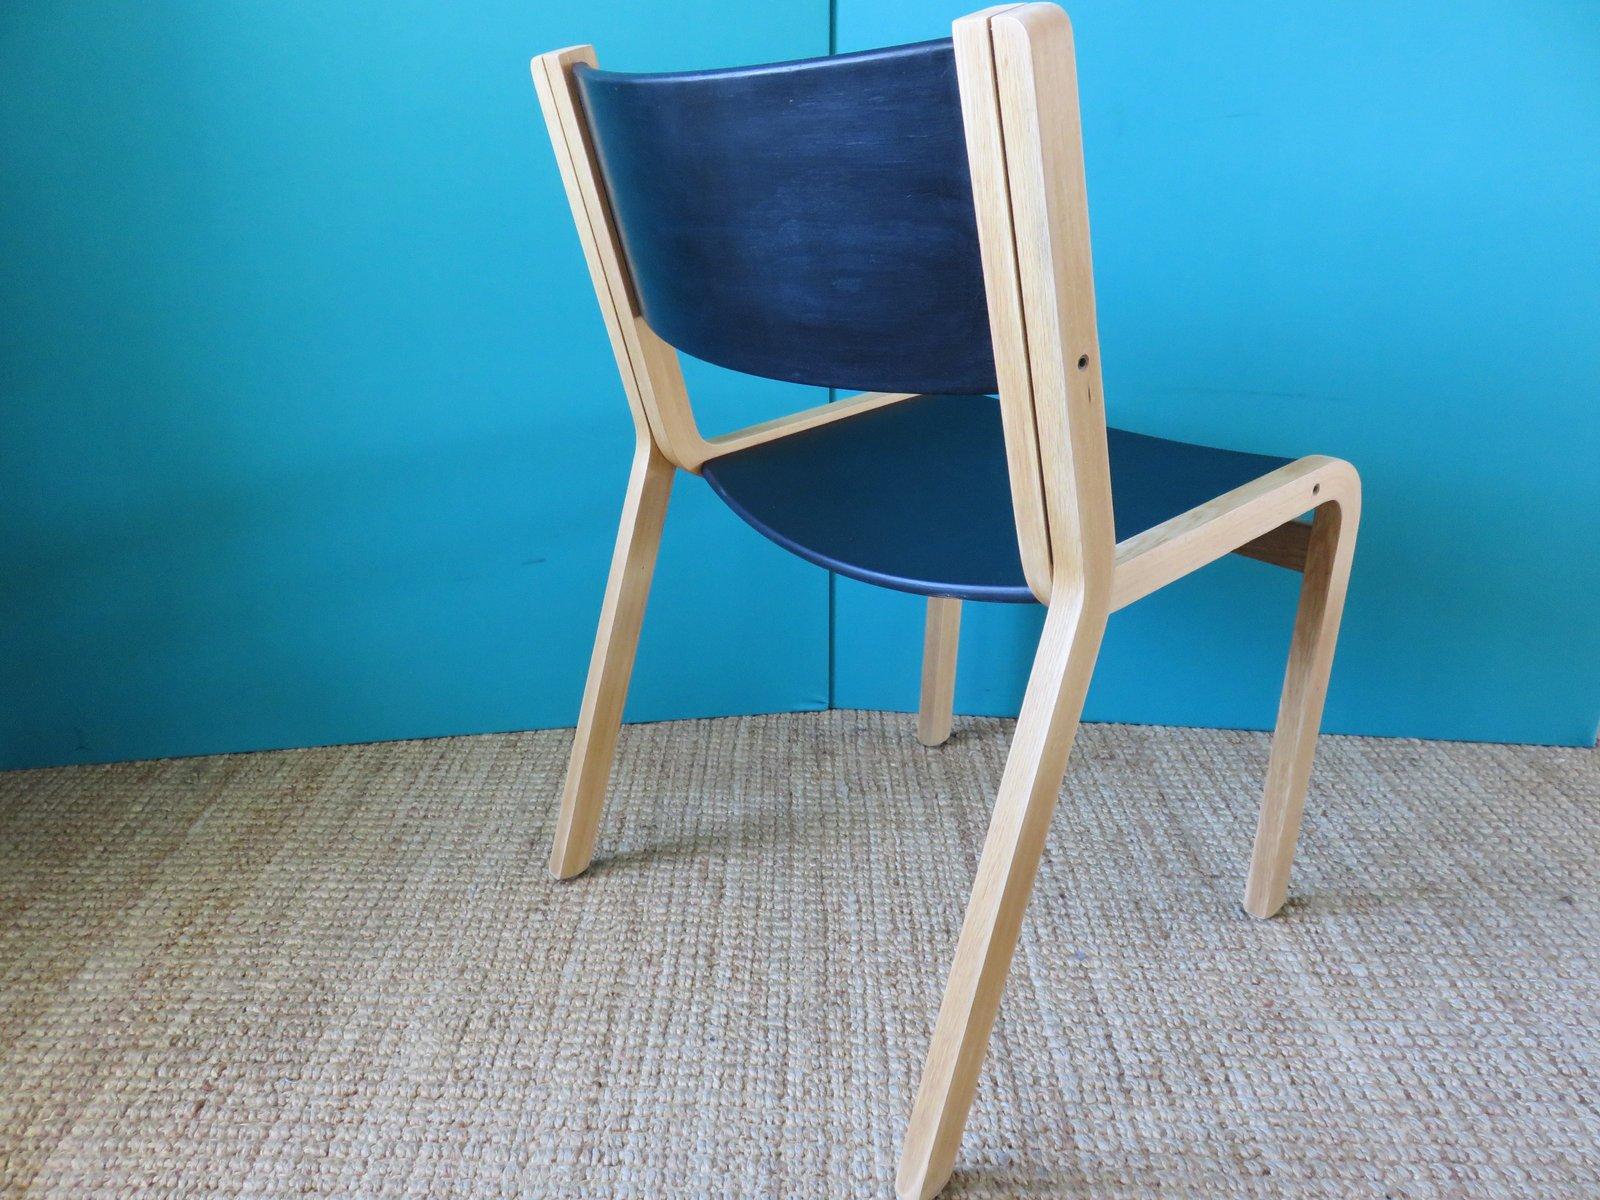 d nische st hle aus eiche von thygensen sorensen f r botium 1970 4er set bei pamono kaufen. Black Bedroom Furniture Sets. Home Design Ideas